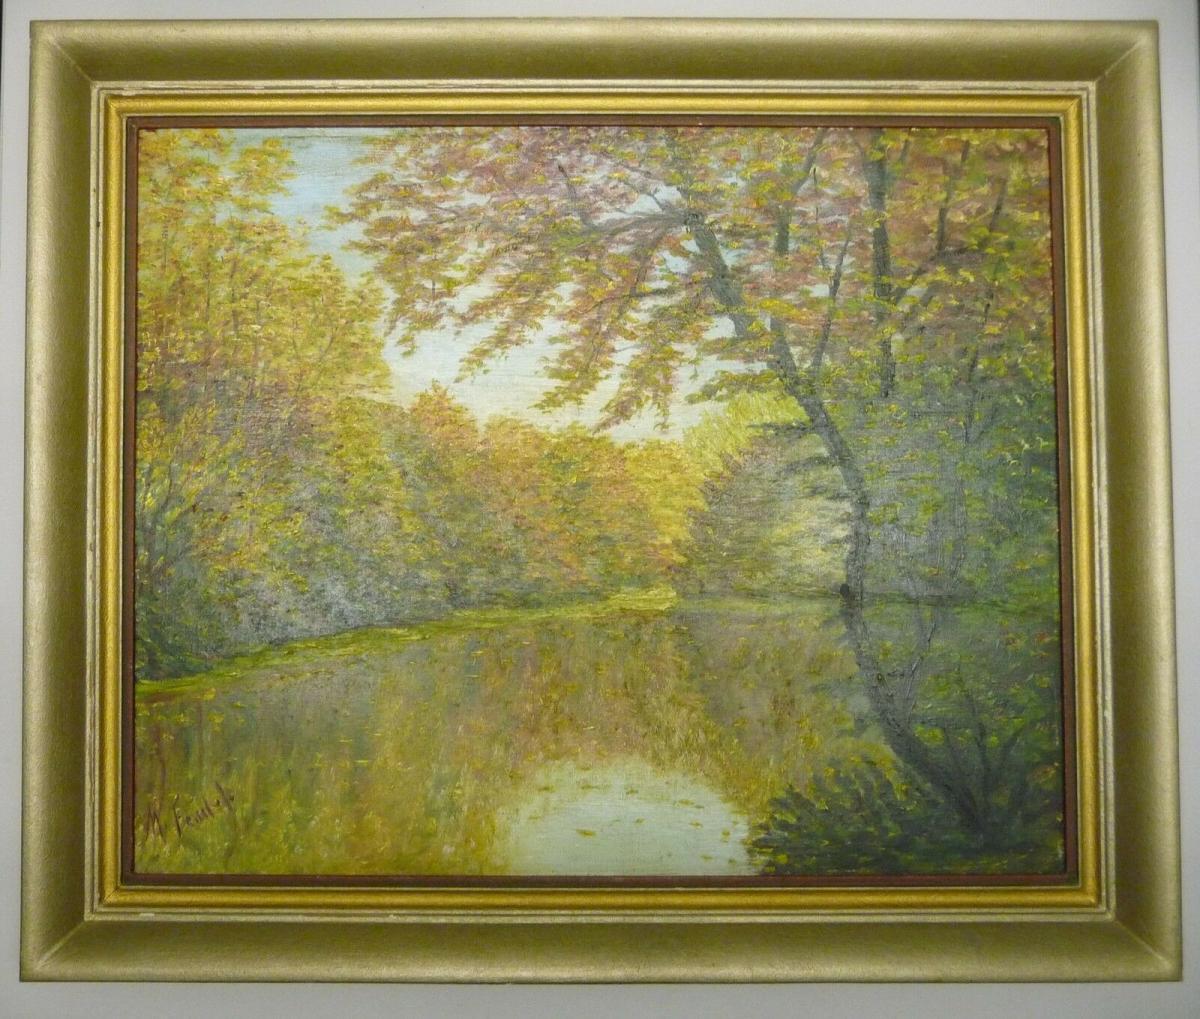 Landschaftsgemälde Waldsee Herbstbild M. Fendel/Feudel ca. 1940 0